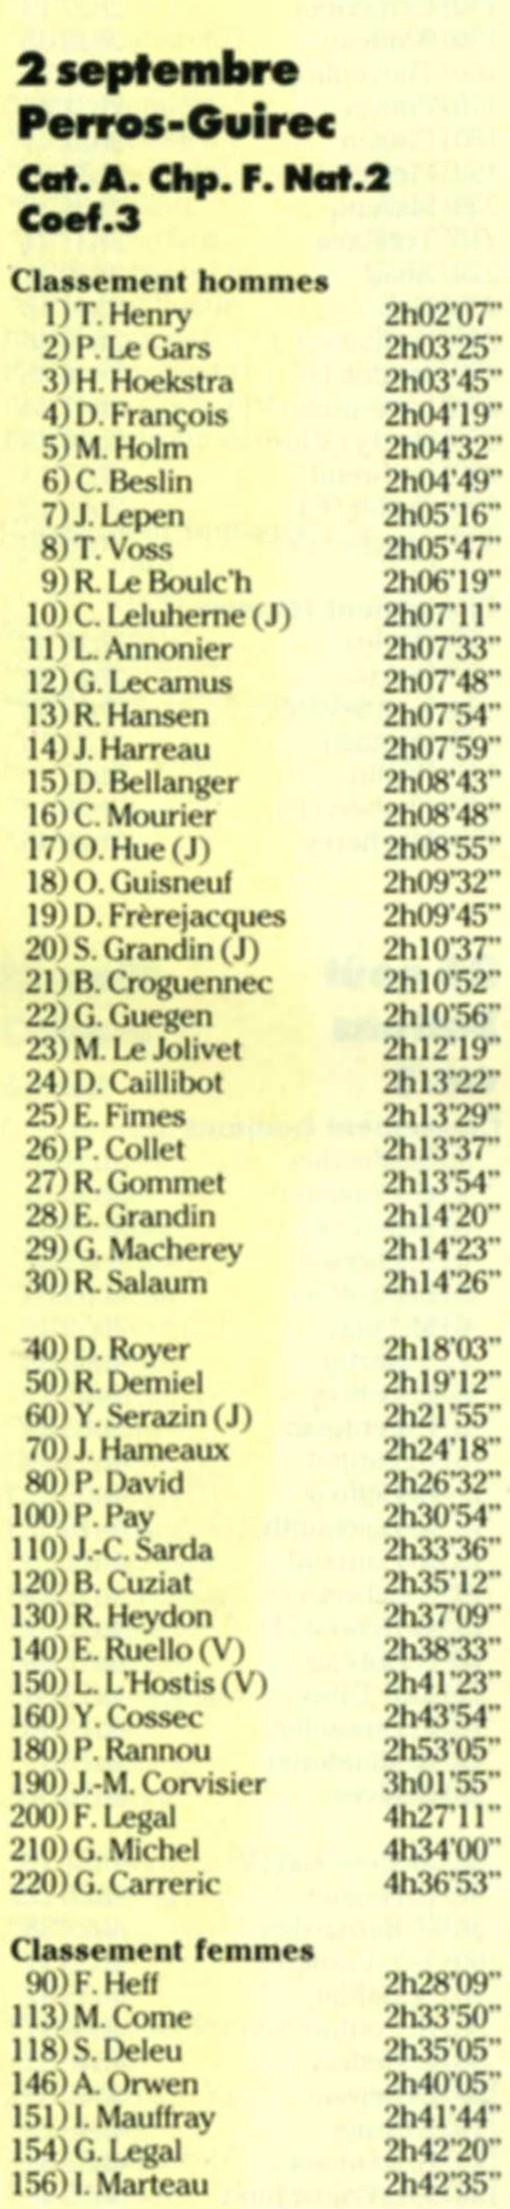 img[A]077_02-09-1990_perros-guirec_résultat